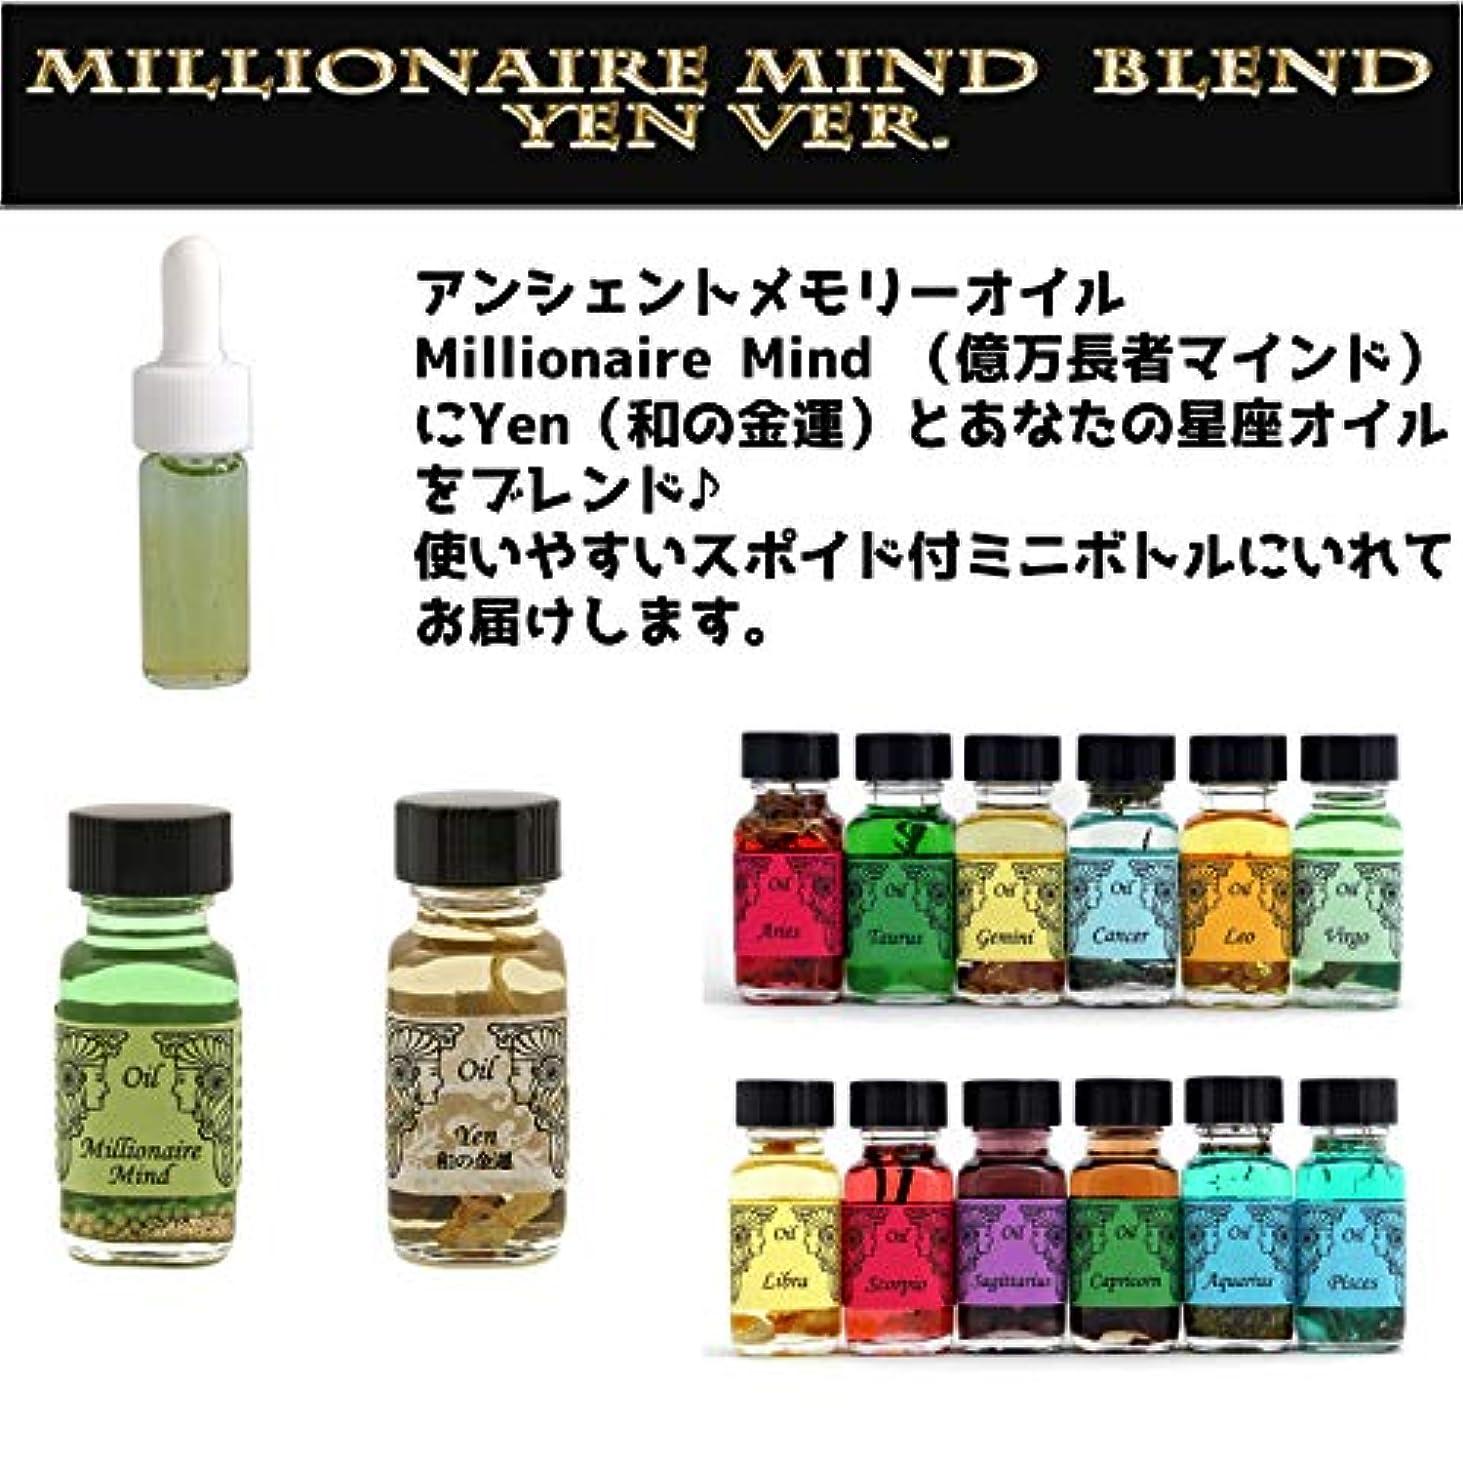 調和作家霧アンシェントメモリーオイル Millionaire Mind 億万長者マインド ブレンド【Yen 和の金運&おひつじ座】